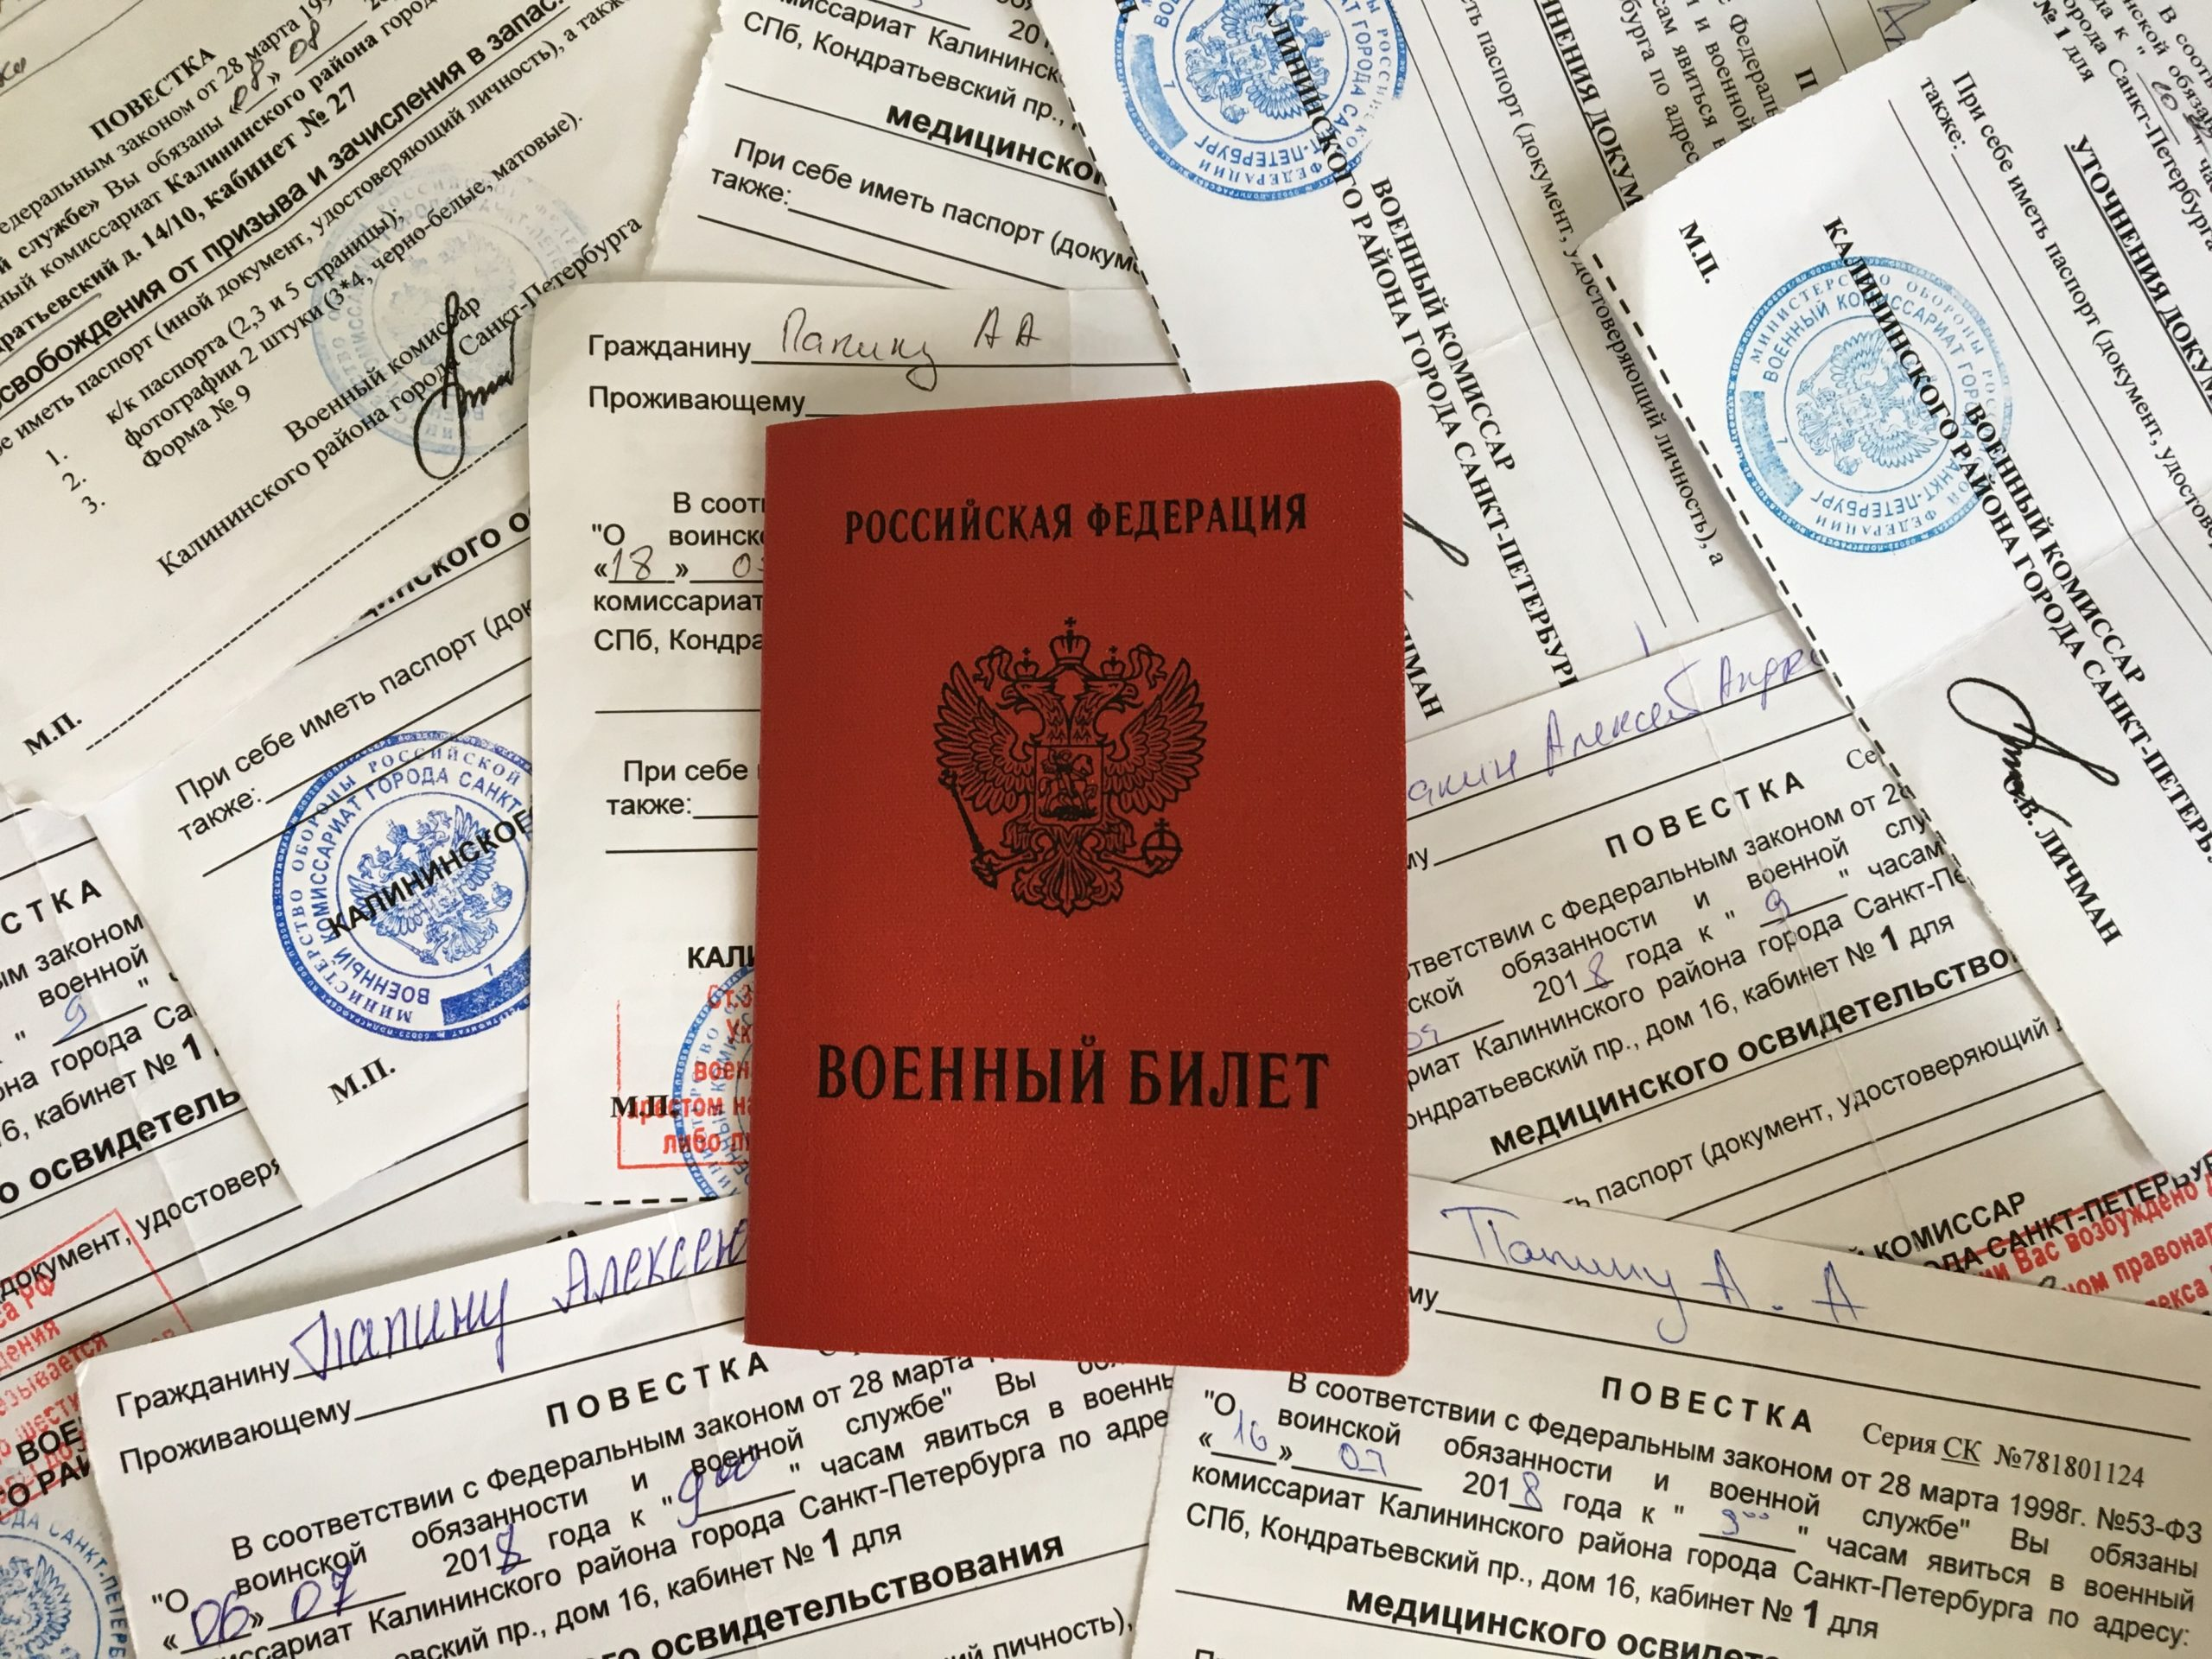 Расписание болезней для призывников из Ярославля